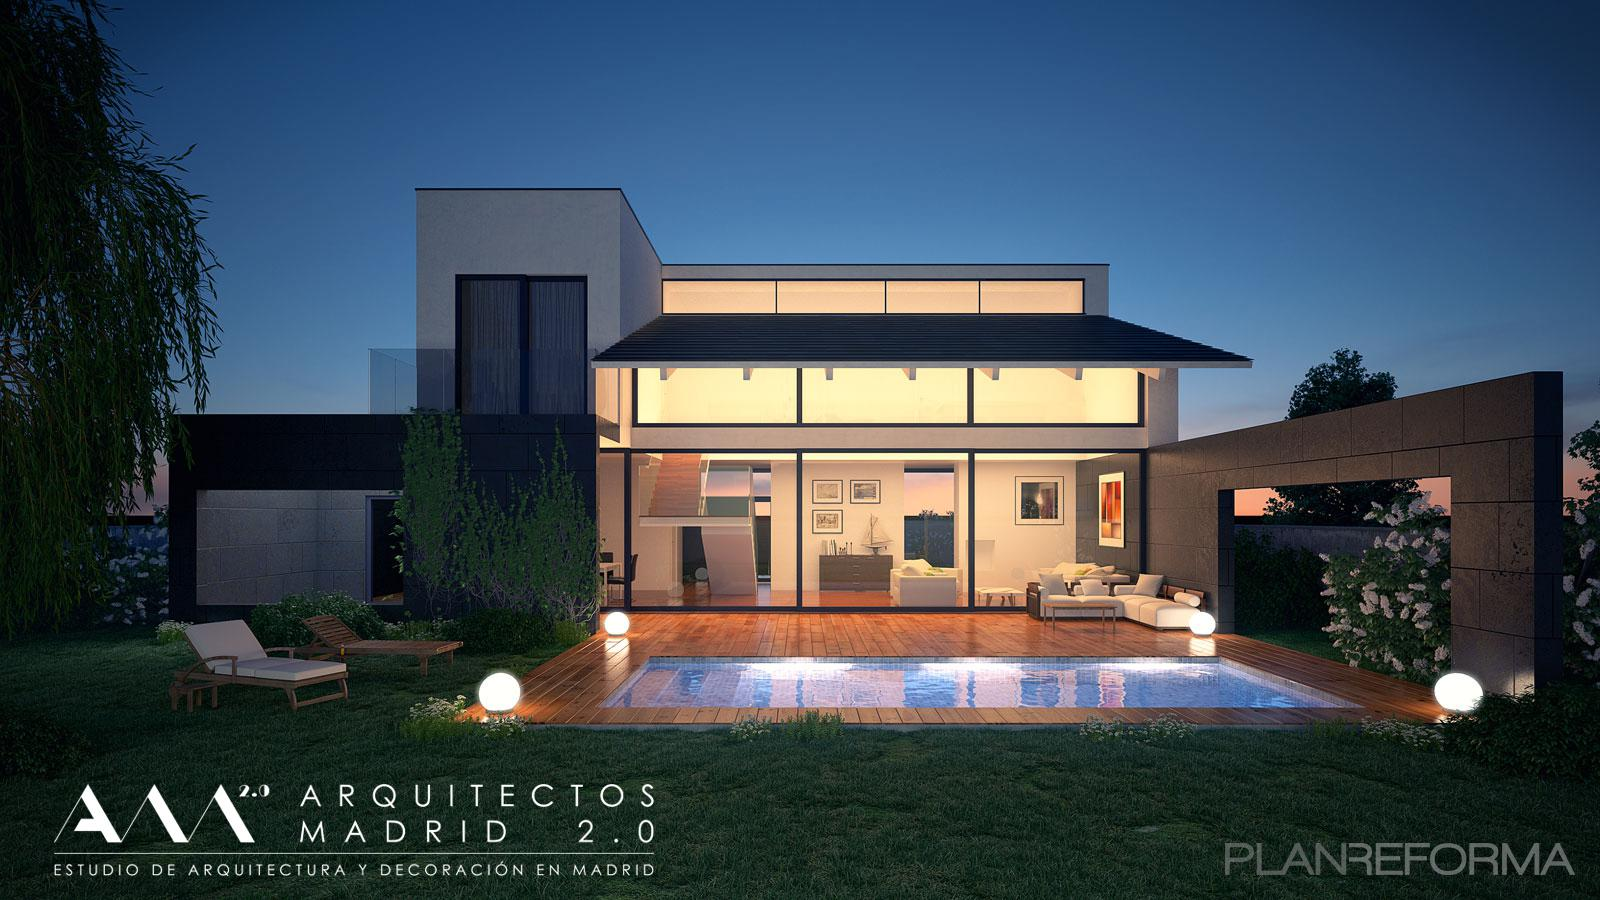 Piscina porche jardin style moderno color marron blanco - Listado arquitectos madrid ...